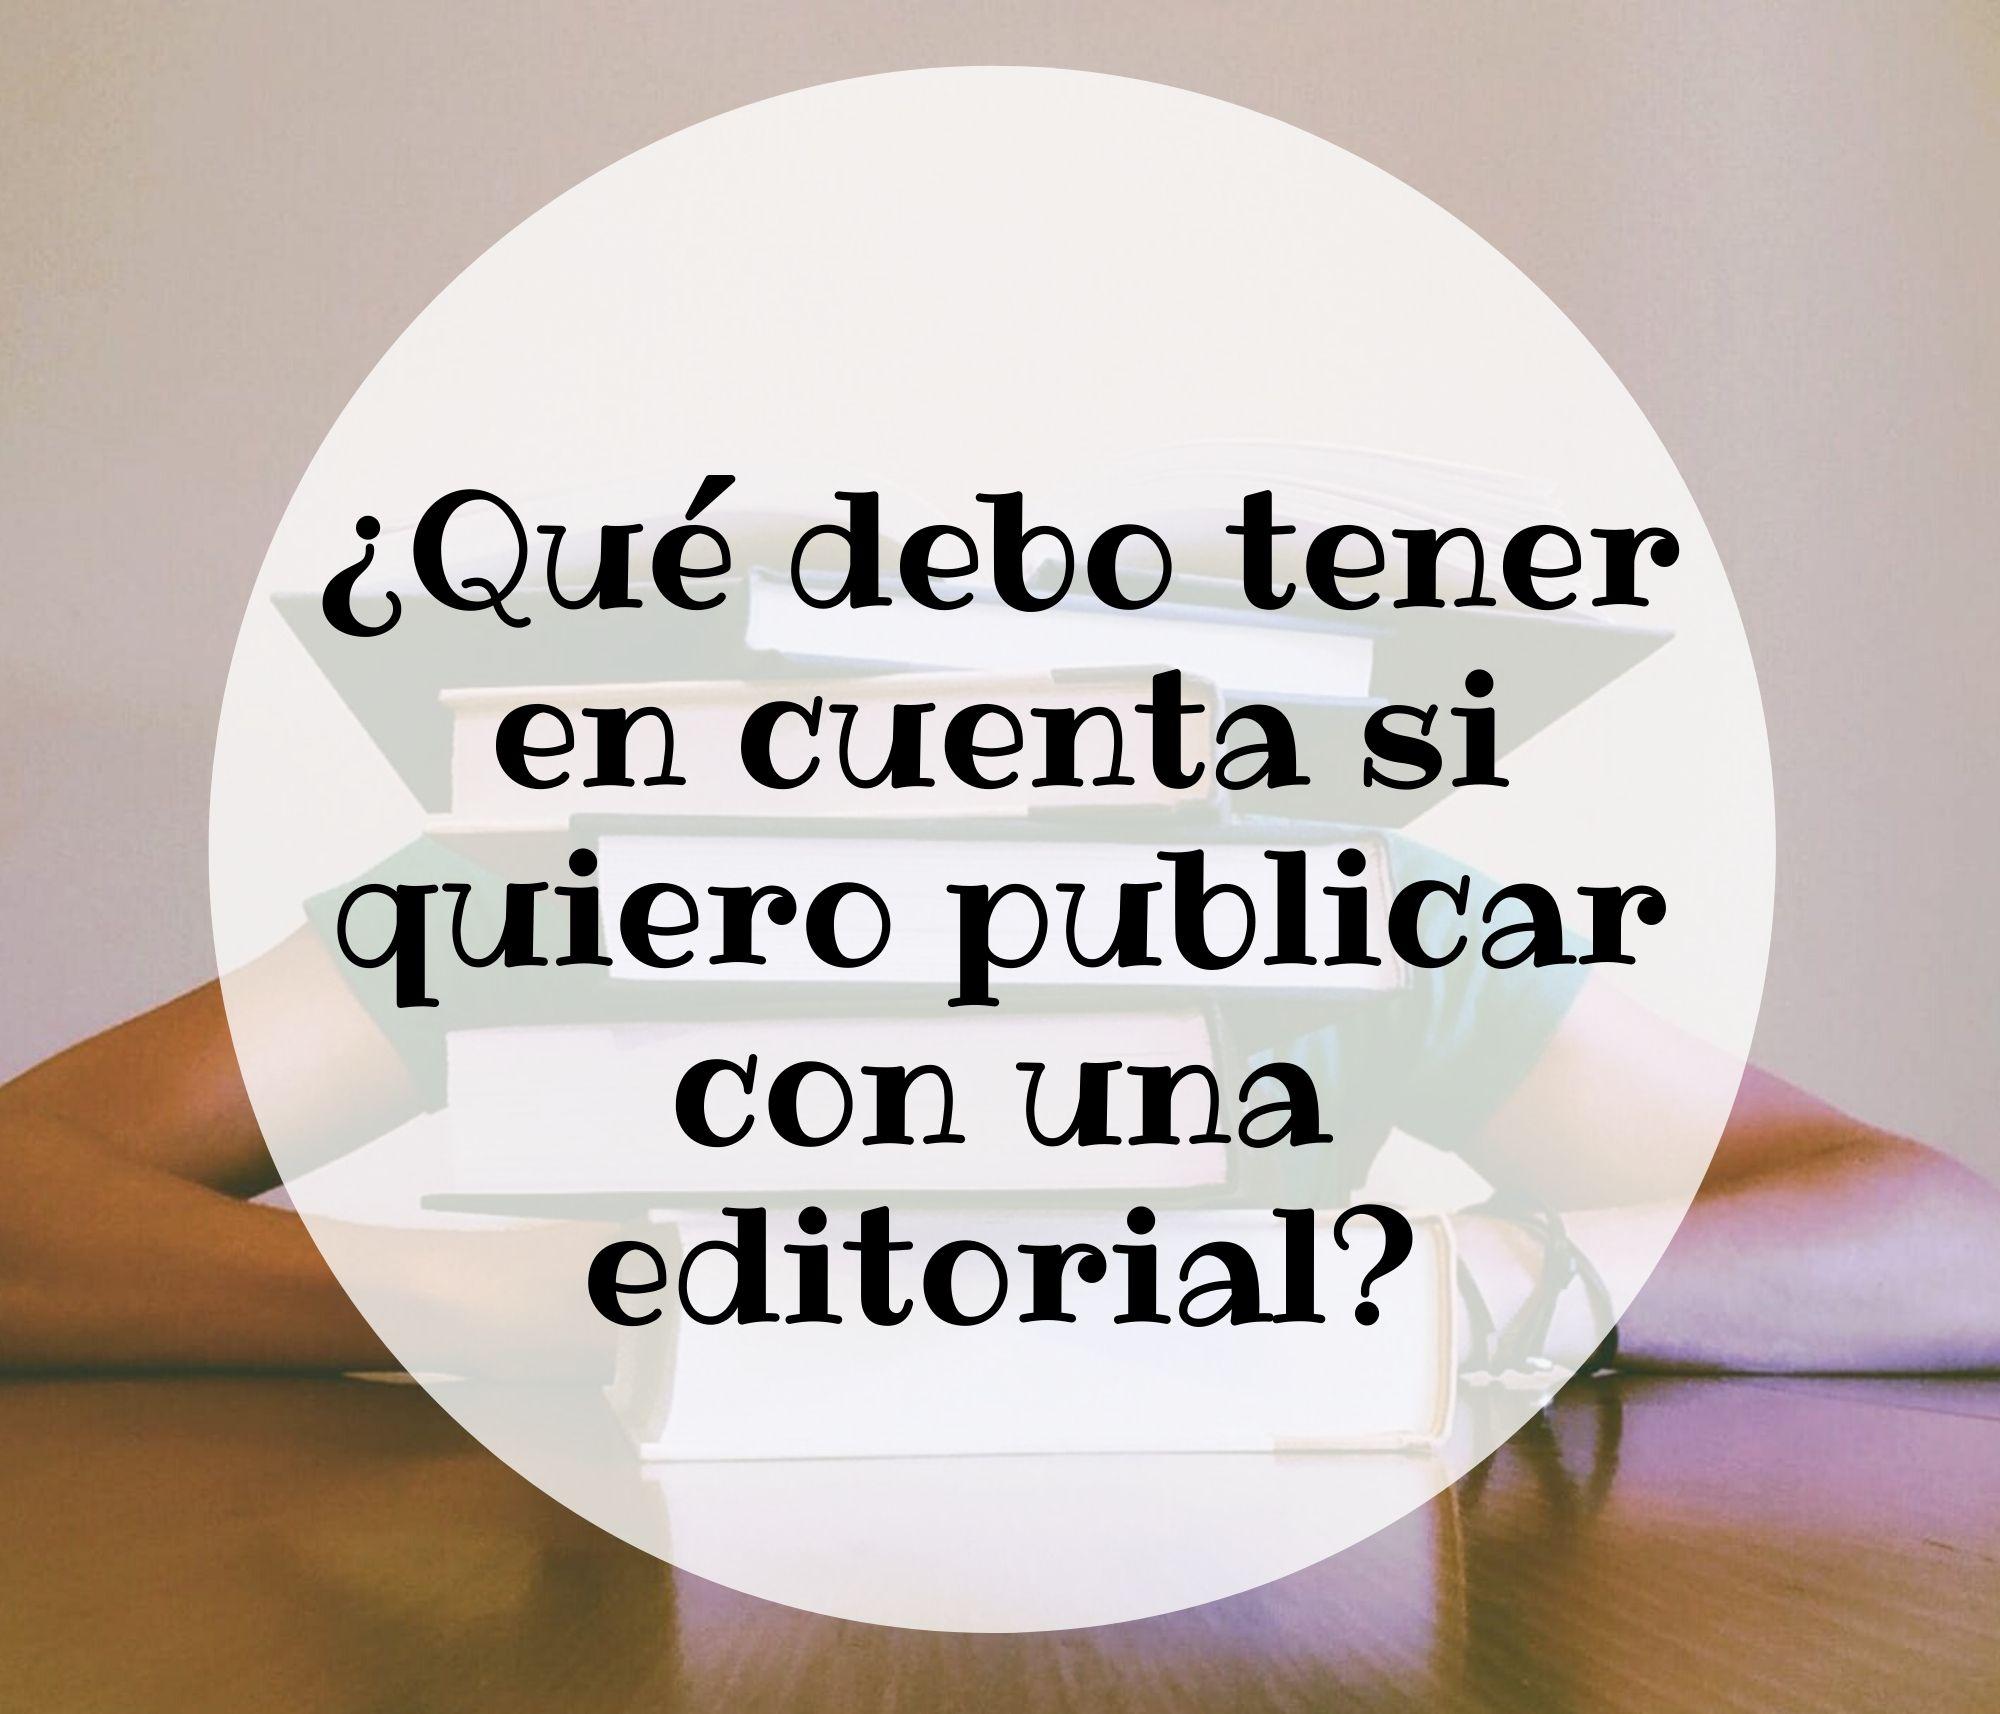 ¿Qué debo tener en cuenta si quiero publicar con una editorial?